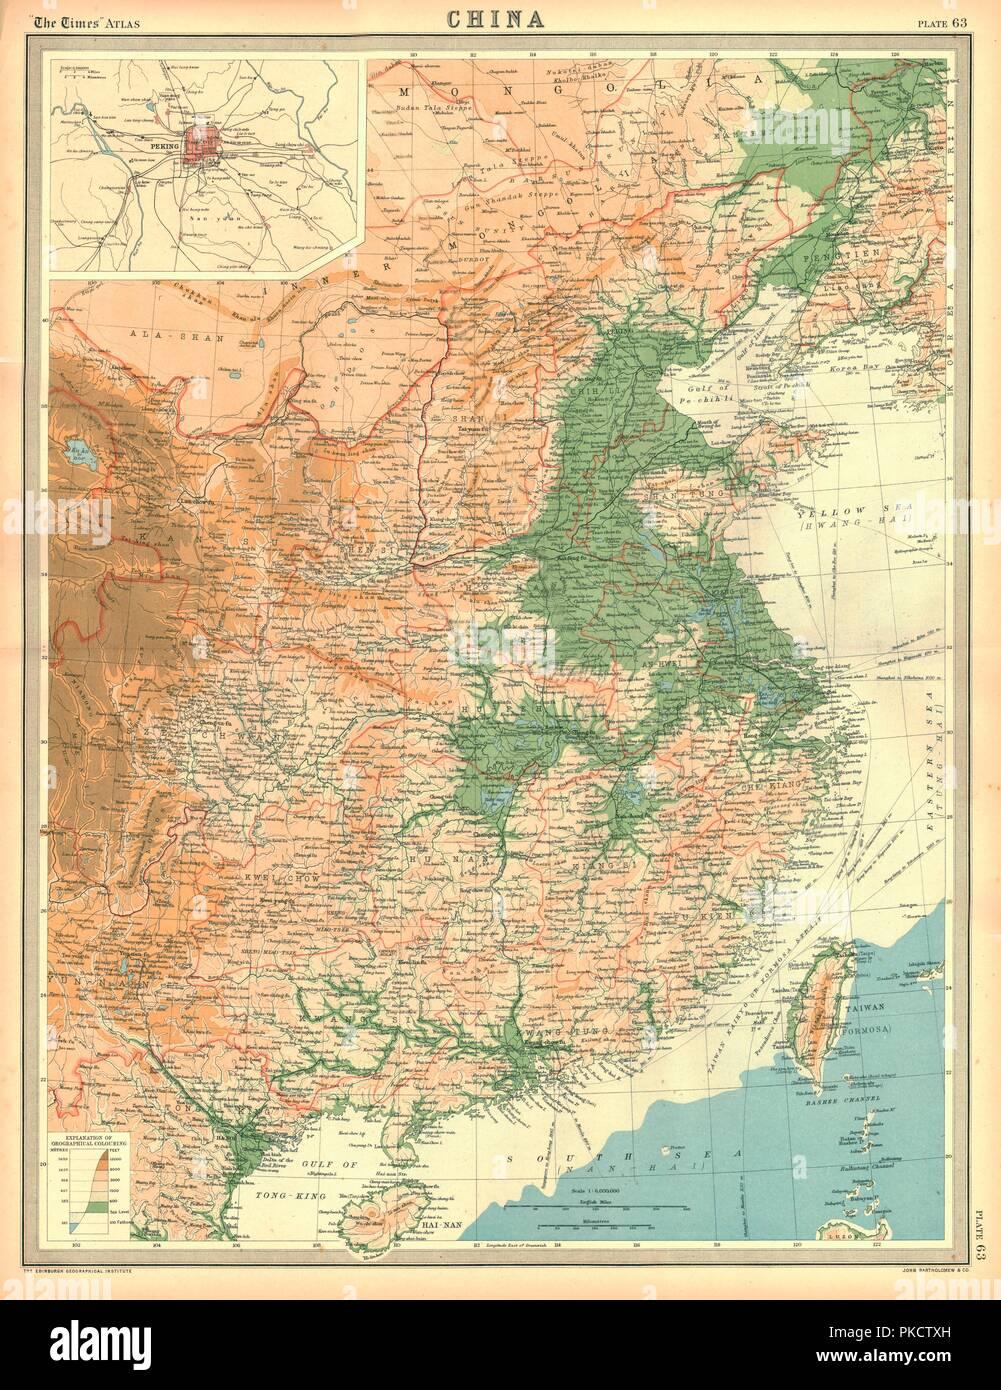 Cartina Geografica Della Cina.Mappa Geografica Della Cina Artista Sconosciuto Foto Stock Alamy